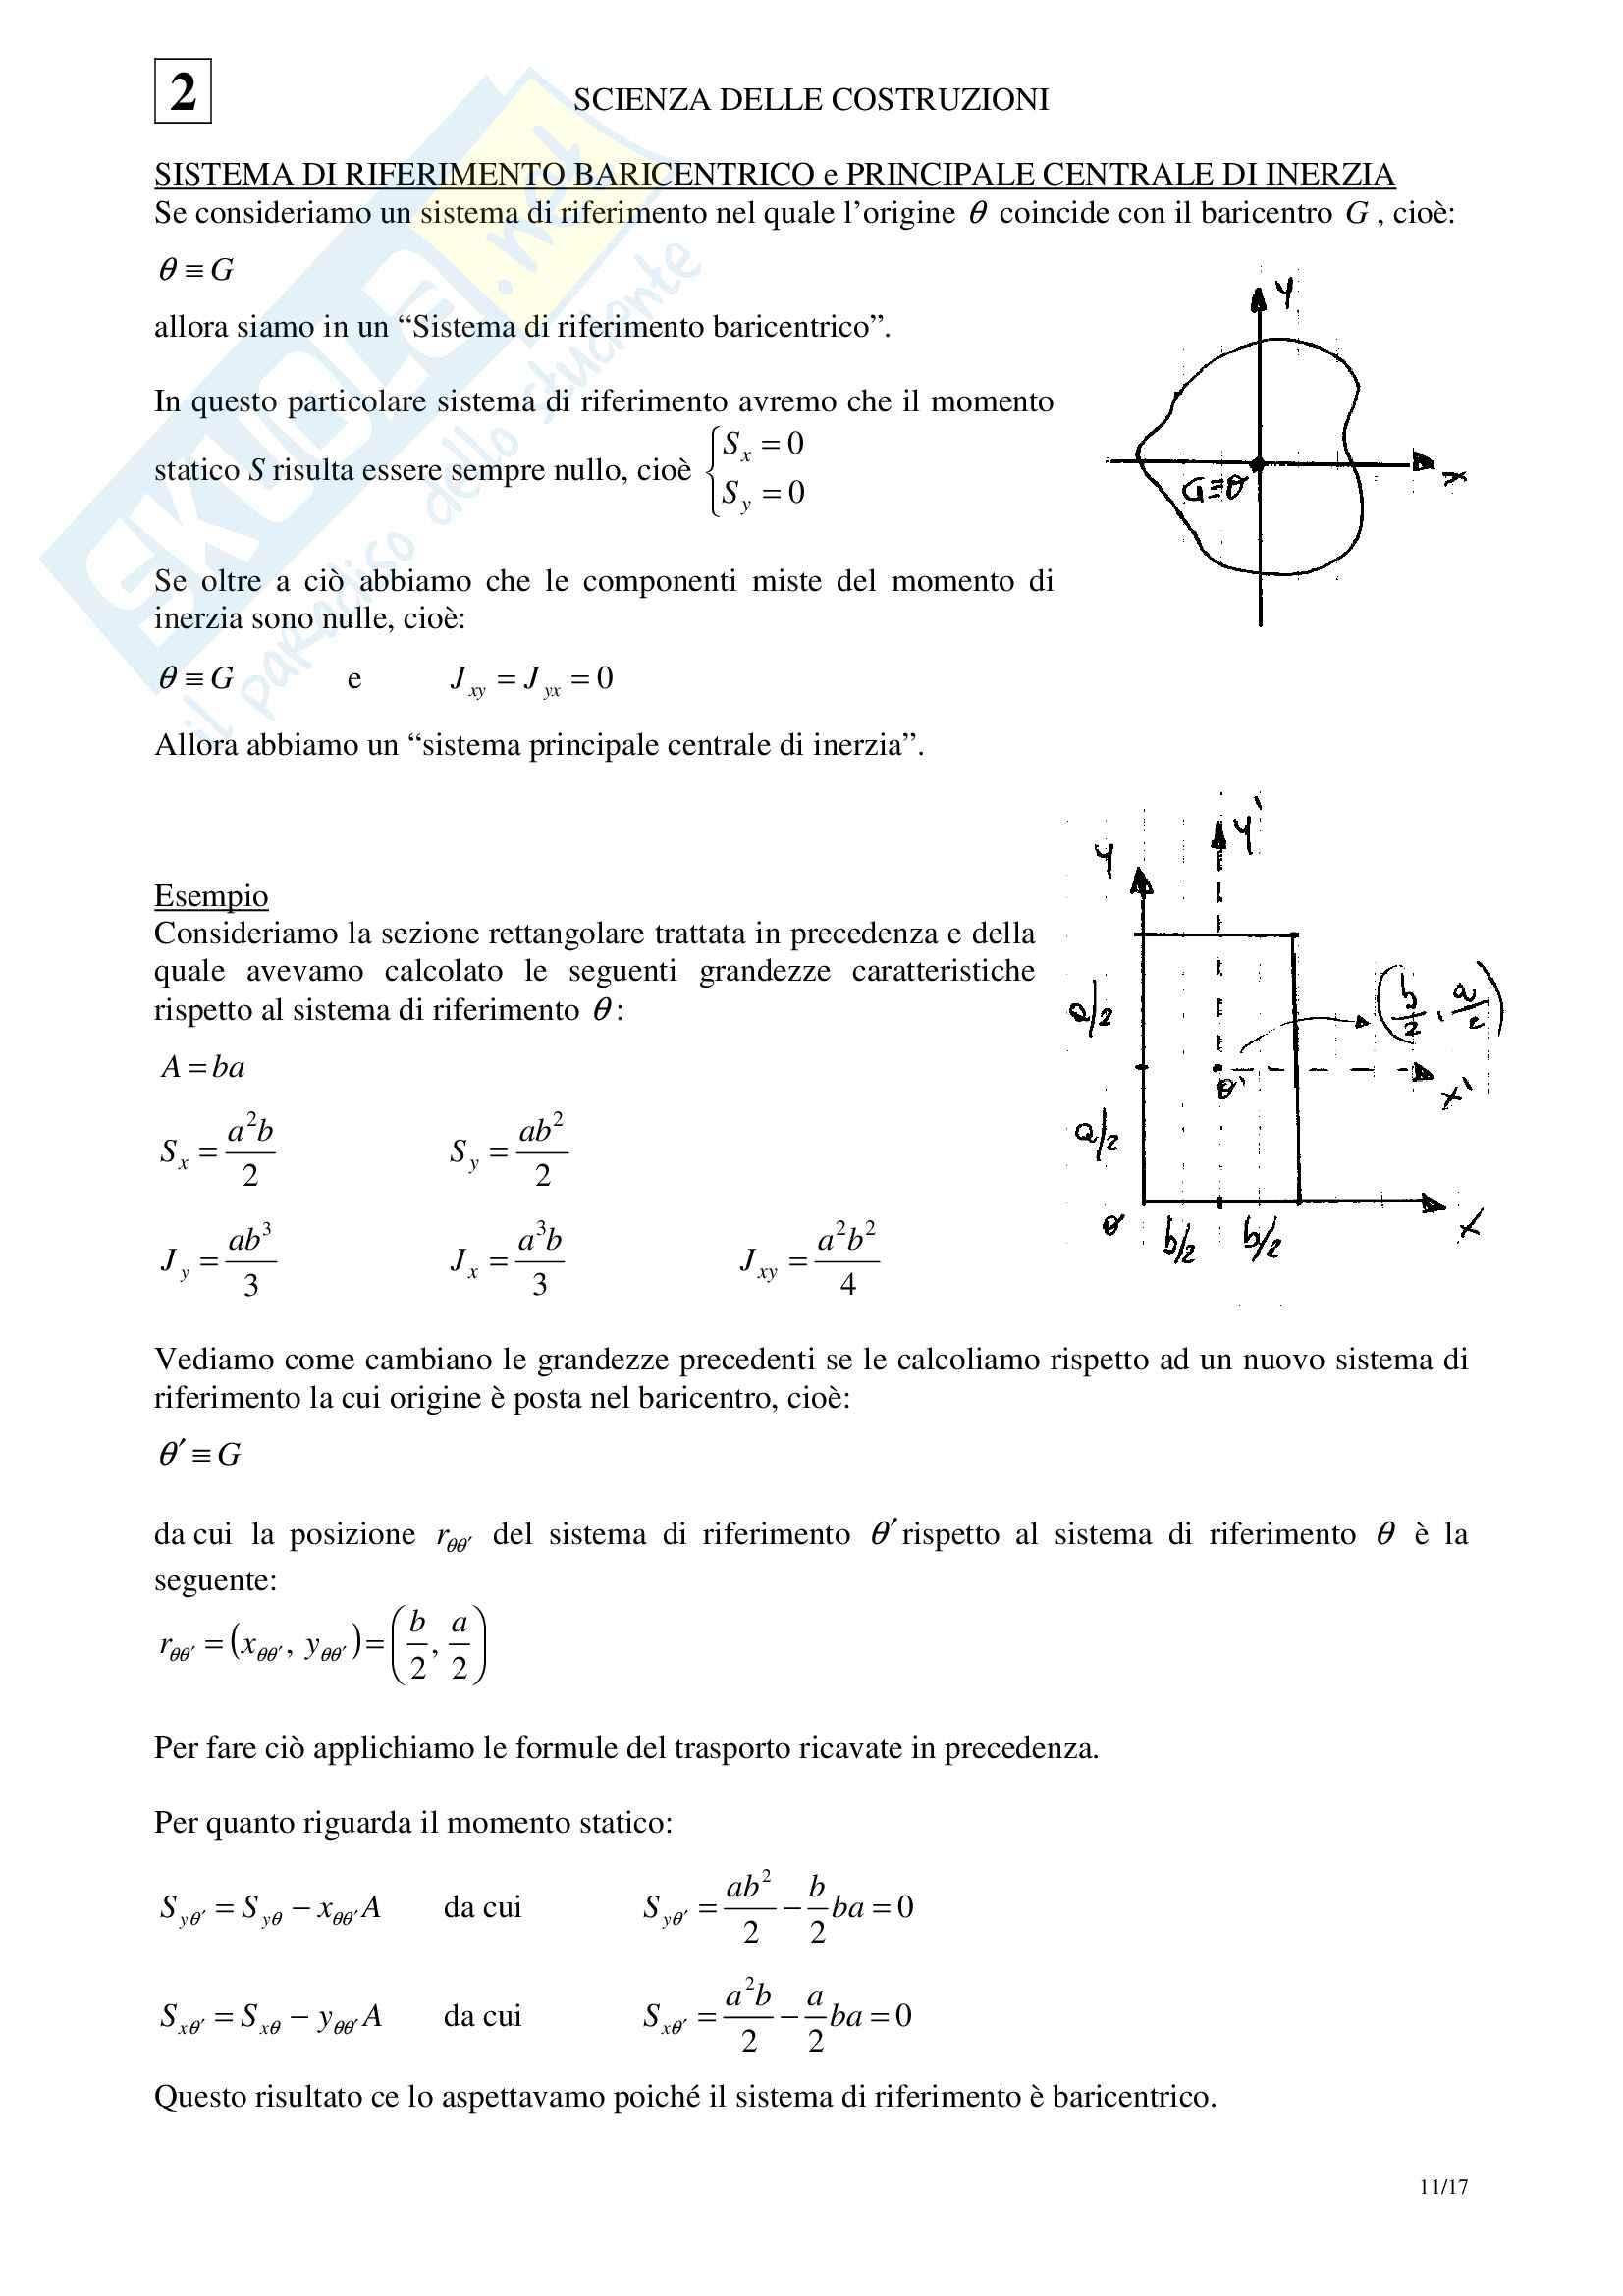 02 Scienza delle Costruzioni - Geometria delle aree Pag. 11